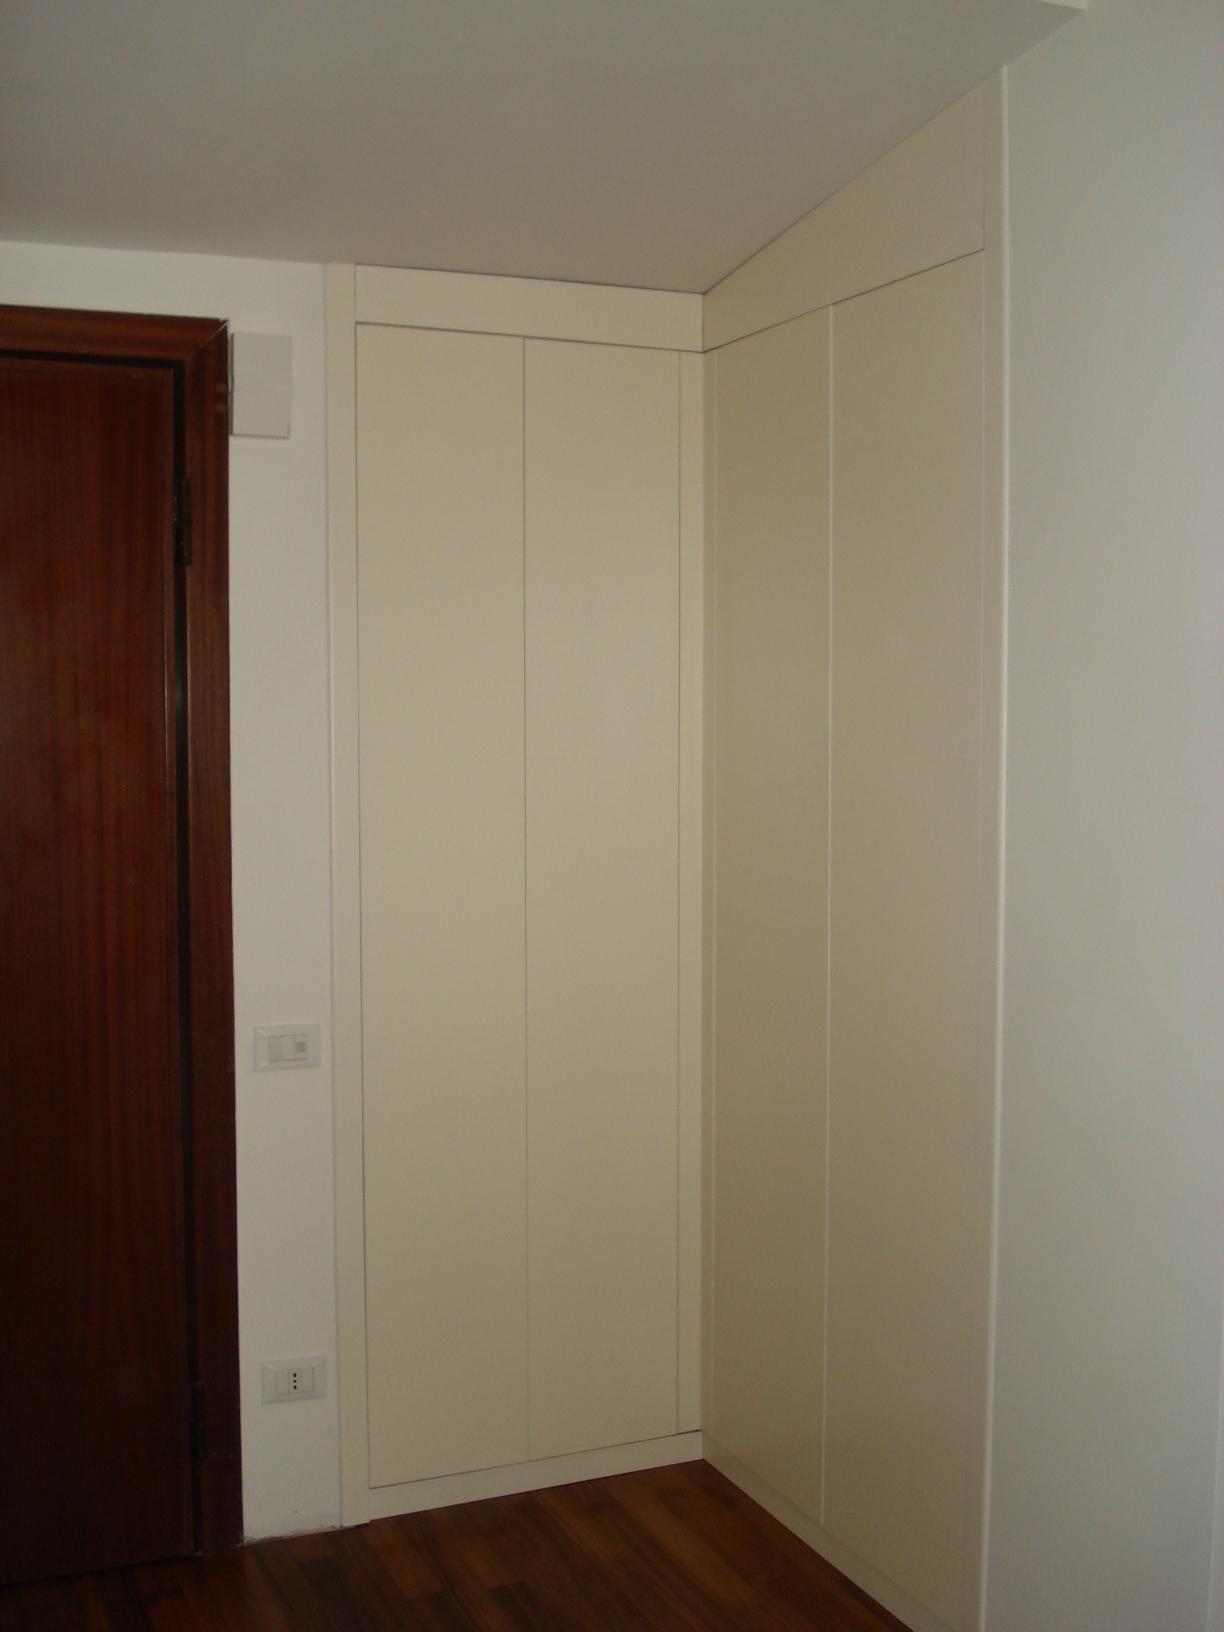 Muller muller centro rattan fabbrica artigianale armadio a muro ad angolo - Letto ad armadio a scomparsa ...